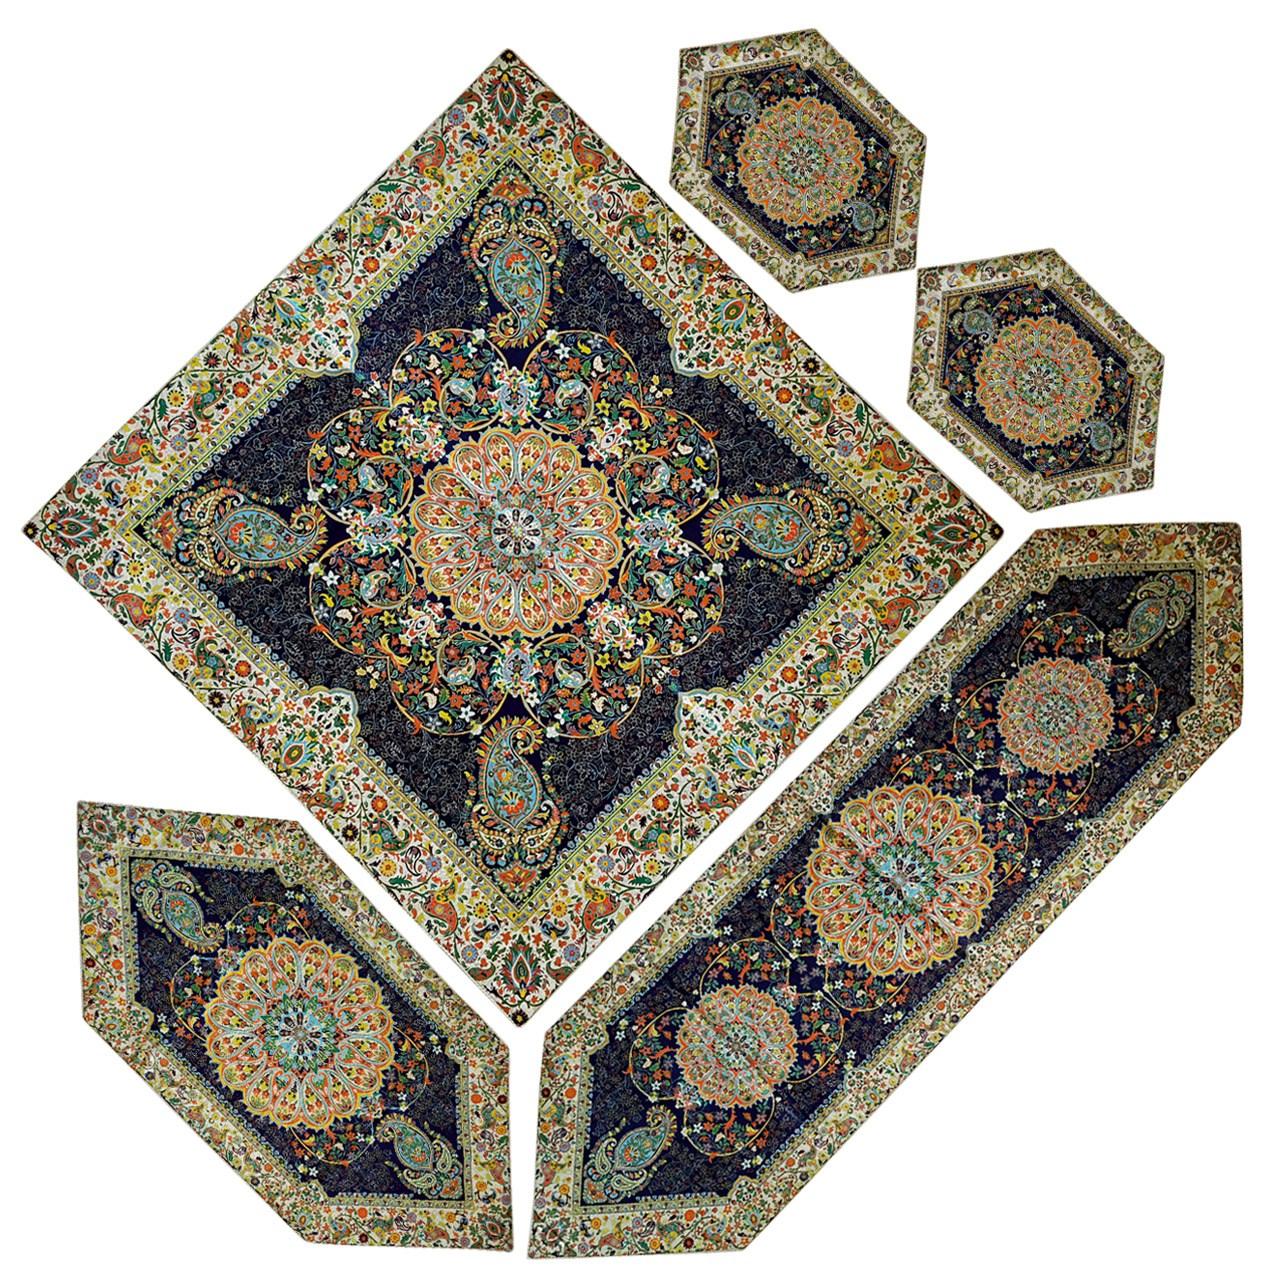 ست 5 تکه رومیزی ترمه ابریشمی دوازده رنگ طرح بته جقه کد 03